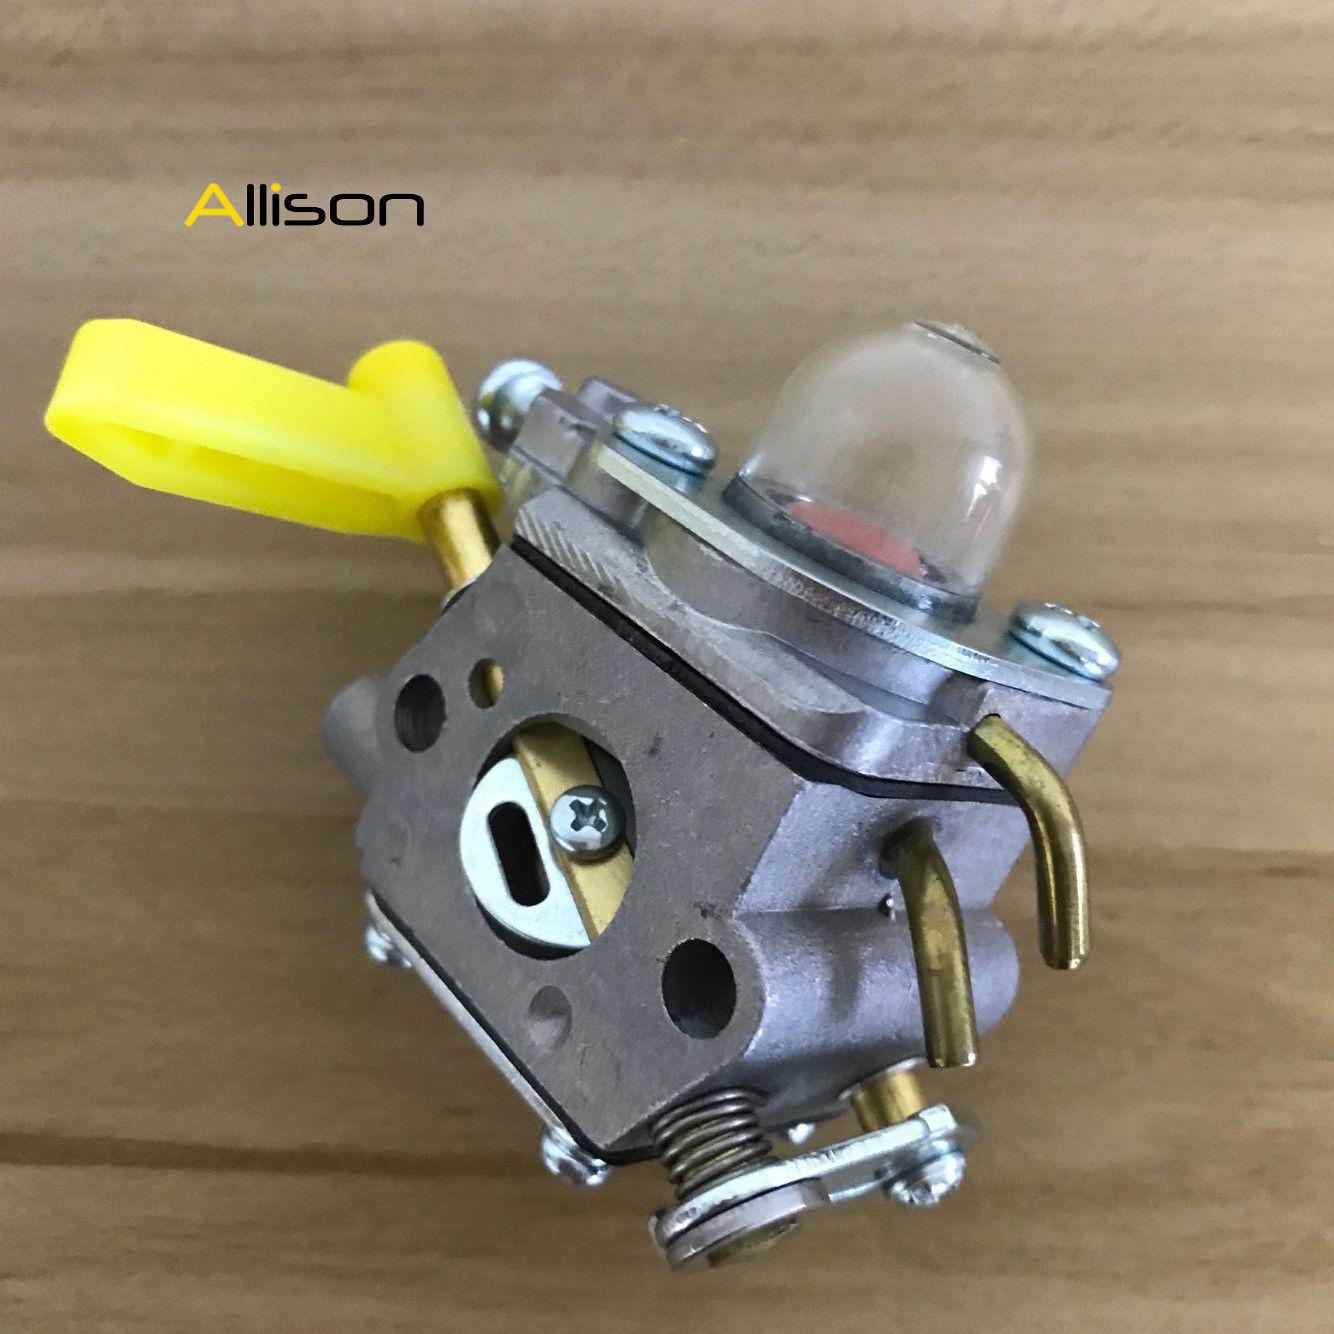 Ryobi Trimmer Model Ry30550